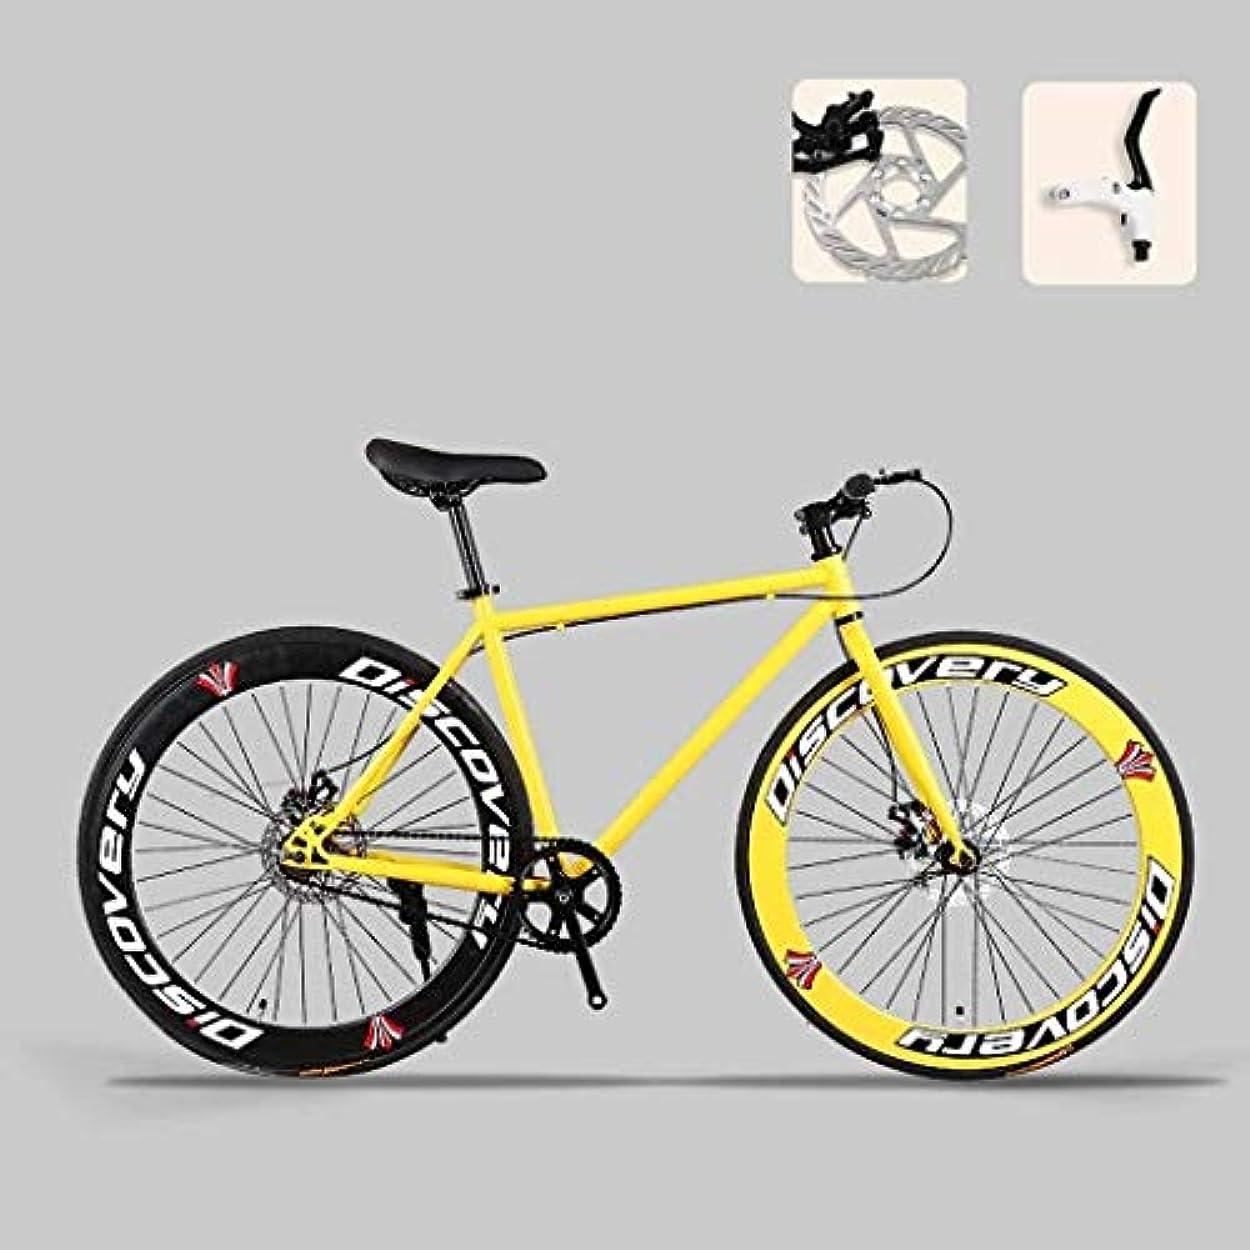 出血ストローク予報旅行コンビニ、道自転車、26インチバイク、ダブルディスクブレーキ、高炭素鋼フレーム、ロード自転車競技、男子と女子アダルト、A健康の旅